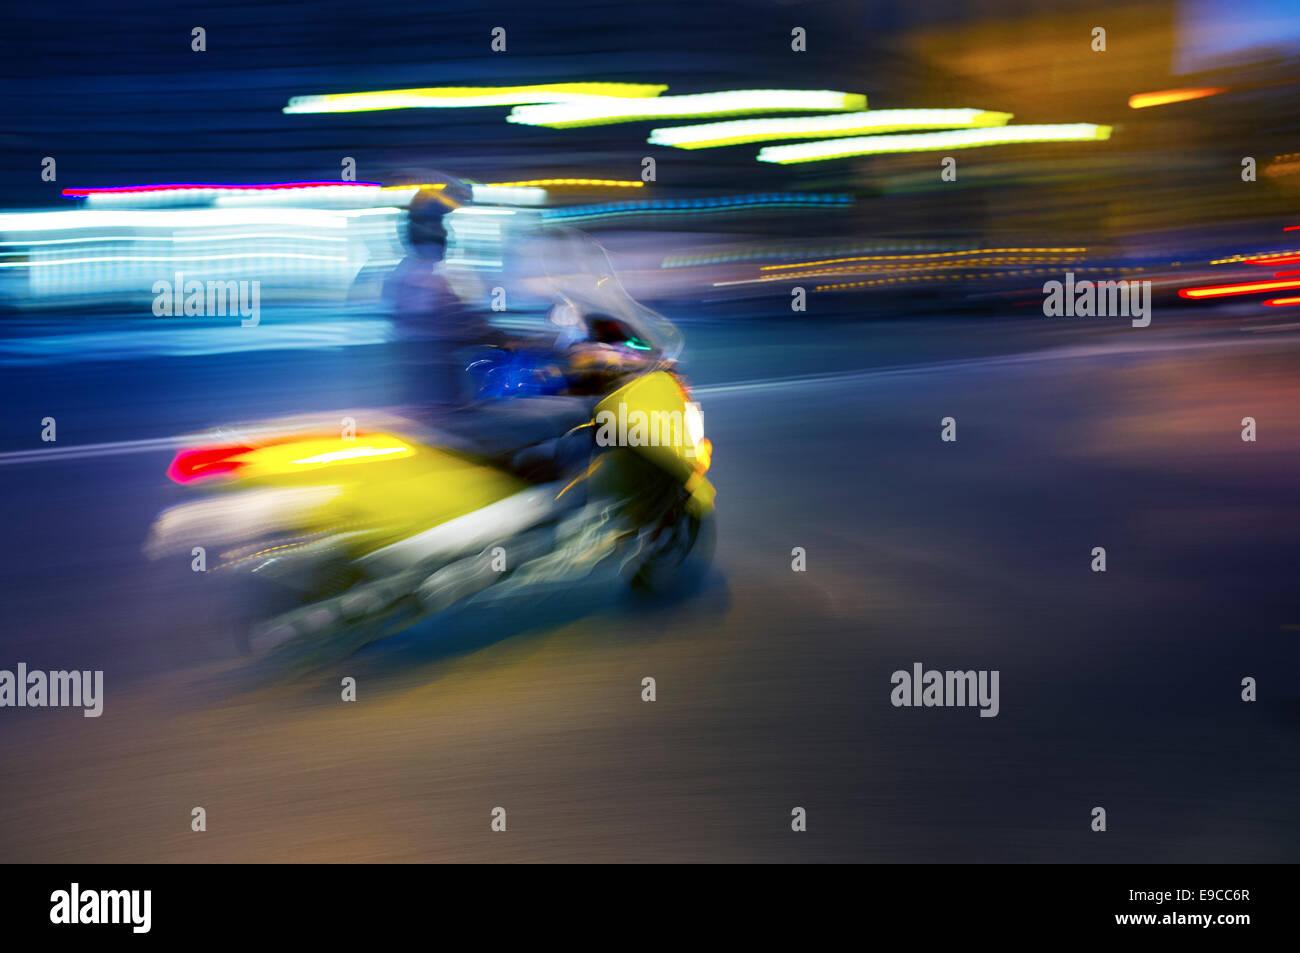 Abstract image floue d'un scooter de la conduite de nuit. Photo Stock